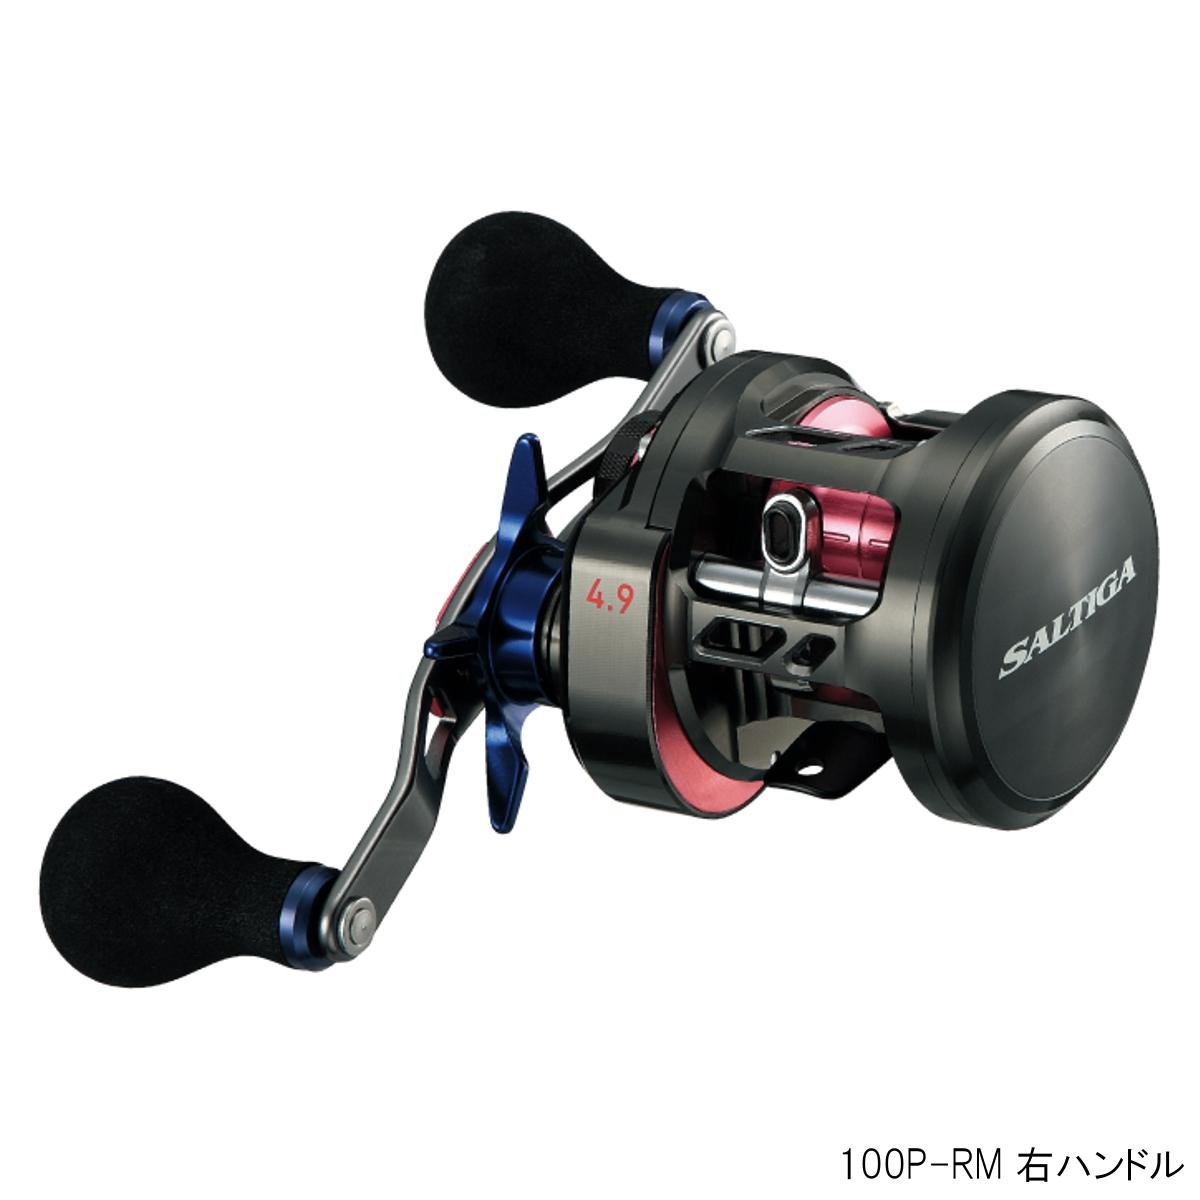 ダイワ ソルティガ BJ 100P-RM 右ハンドル